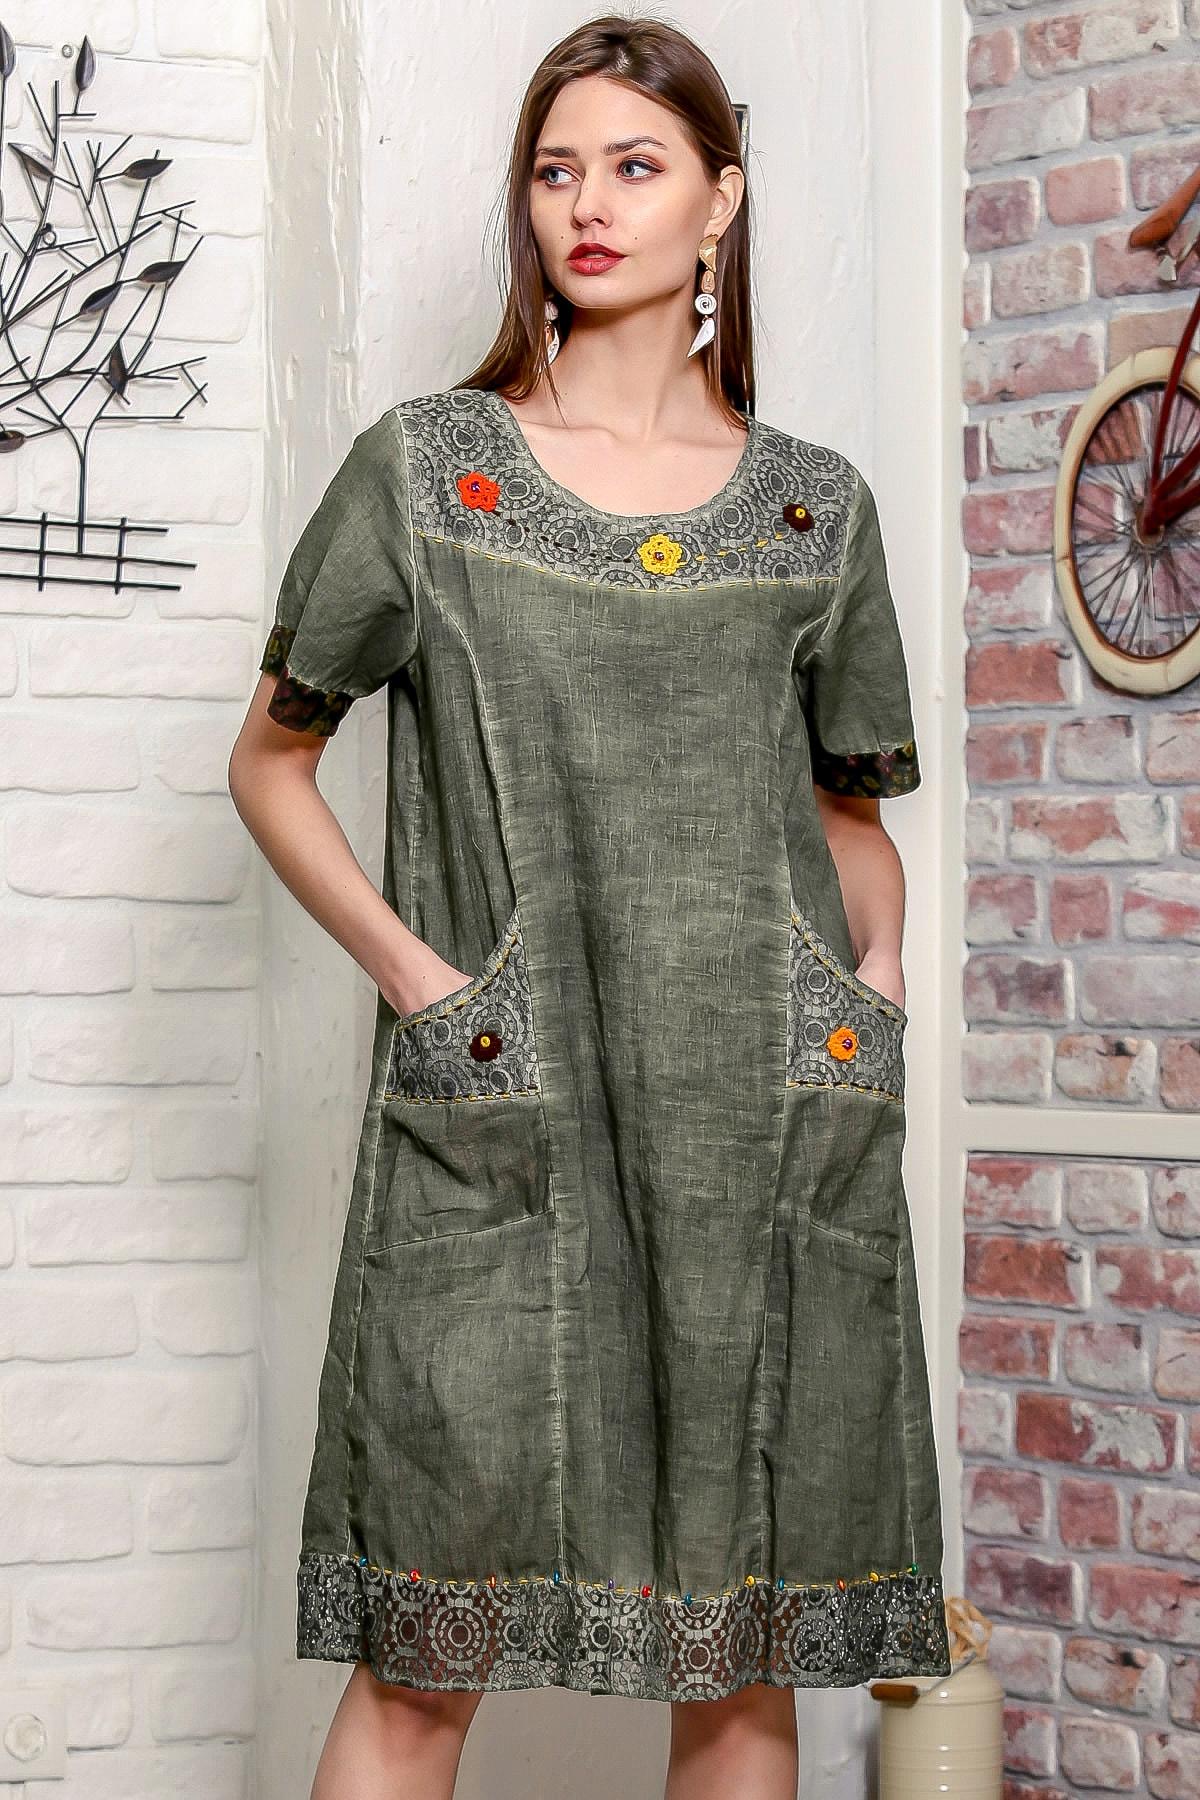 Chiccy Kadın Haki Robası Dantel El İşi Örgü Çiçek Detaylı Cepli Astarlı Yıkamalı Dokuma Elbise